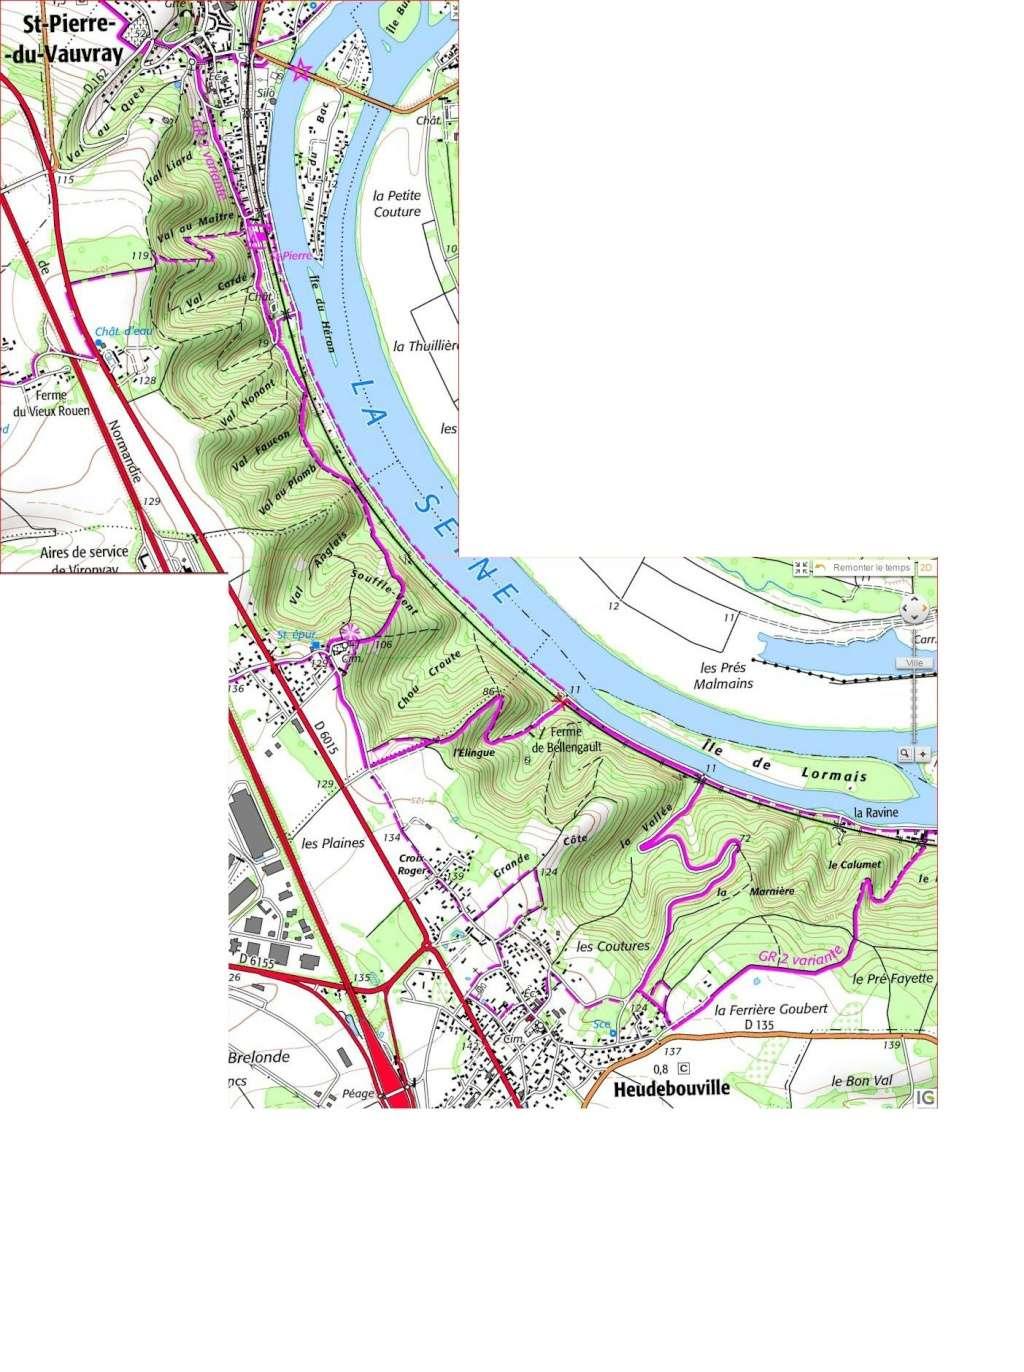 Coteaux de Seine rive gauche entre St Pierre du Vauvray au nord et Heudebouville au sud, qui connait ??? Captur31